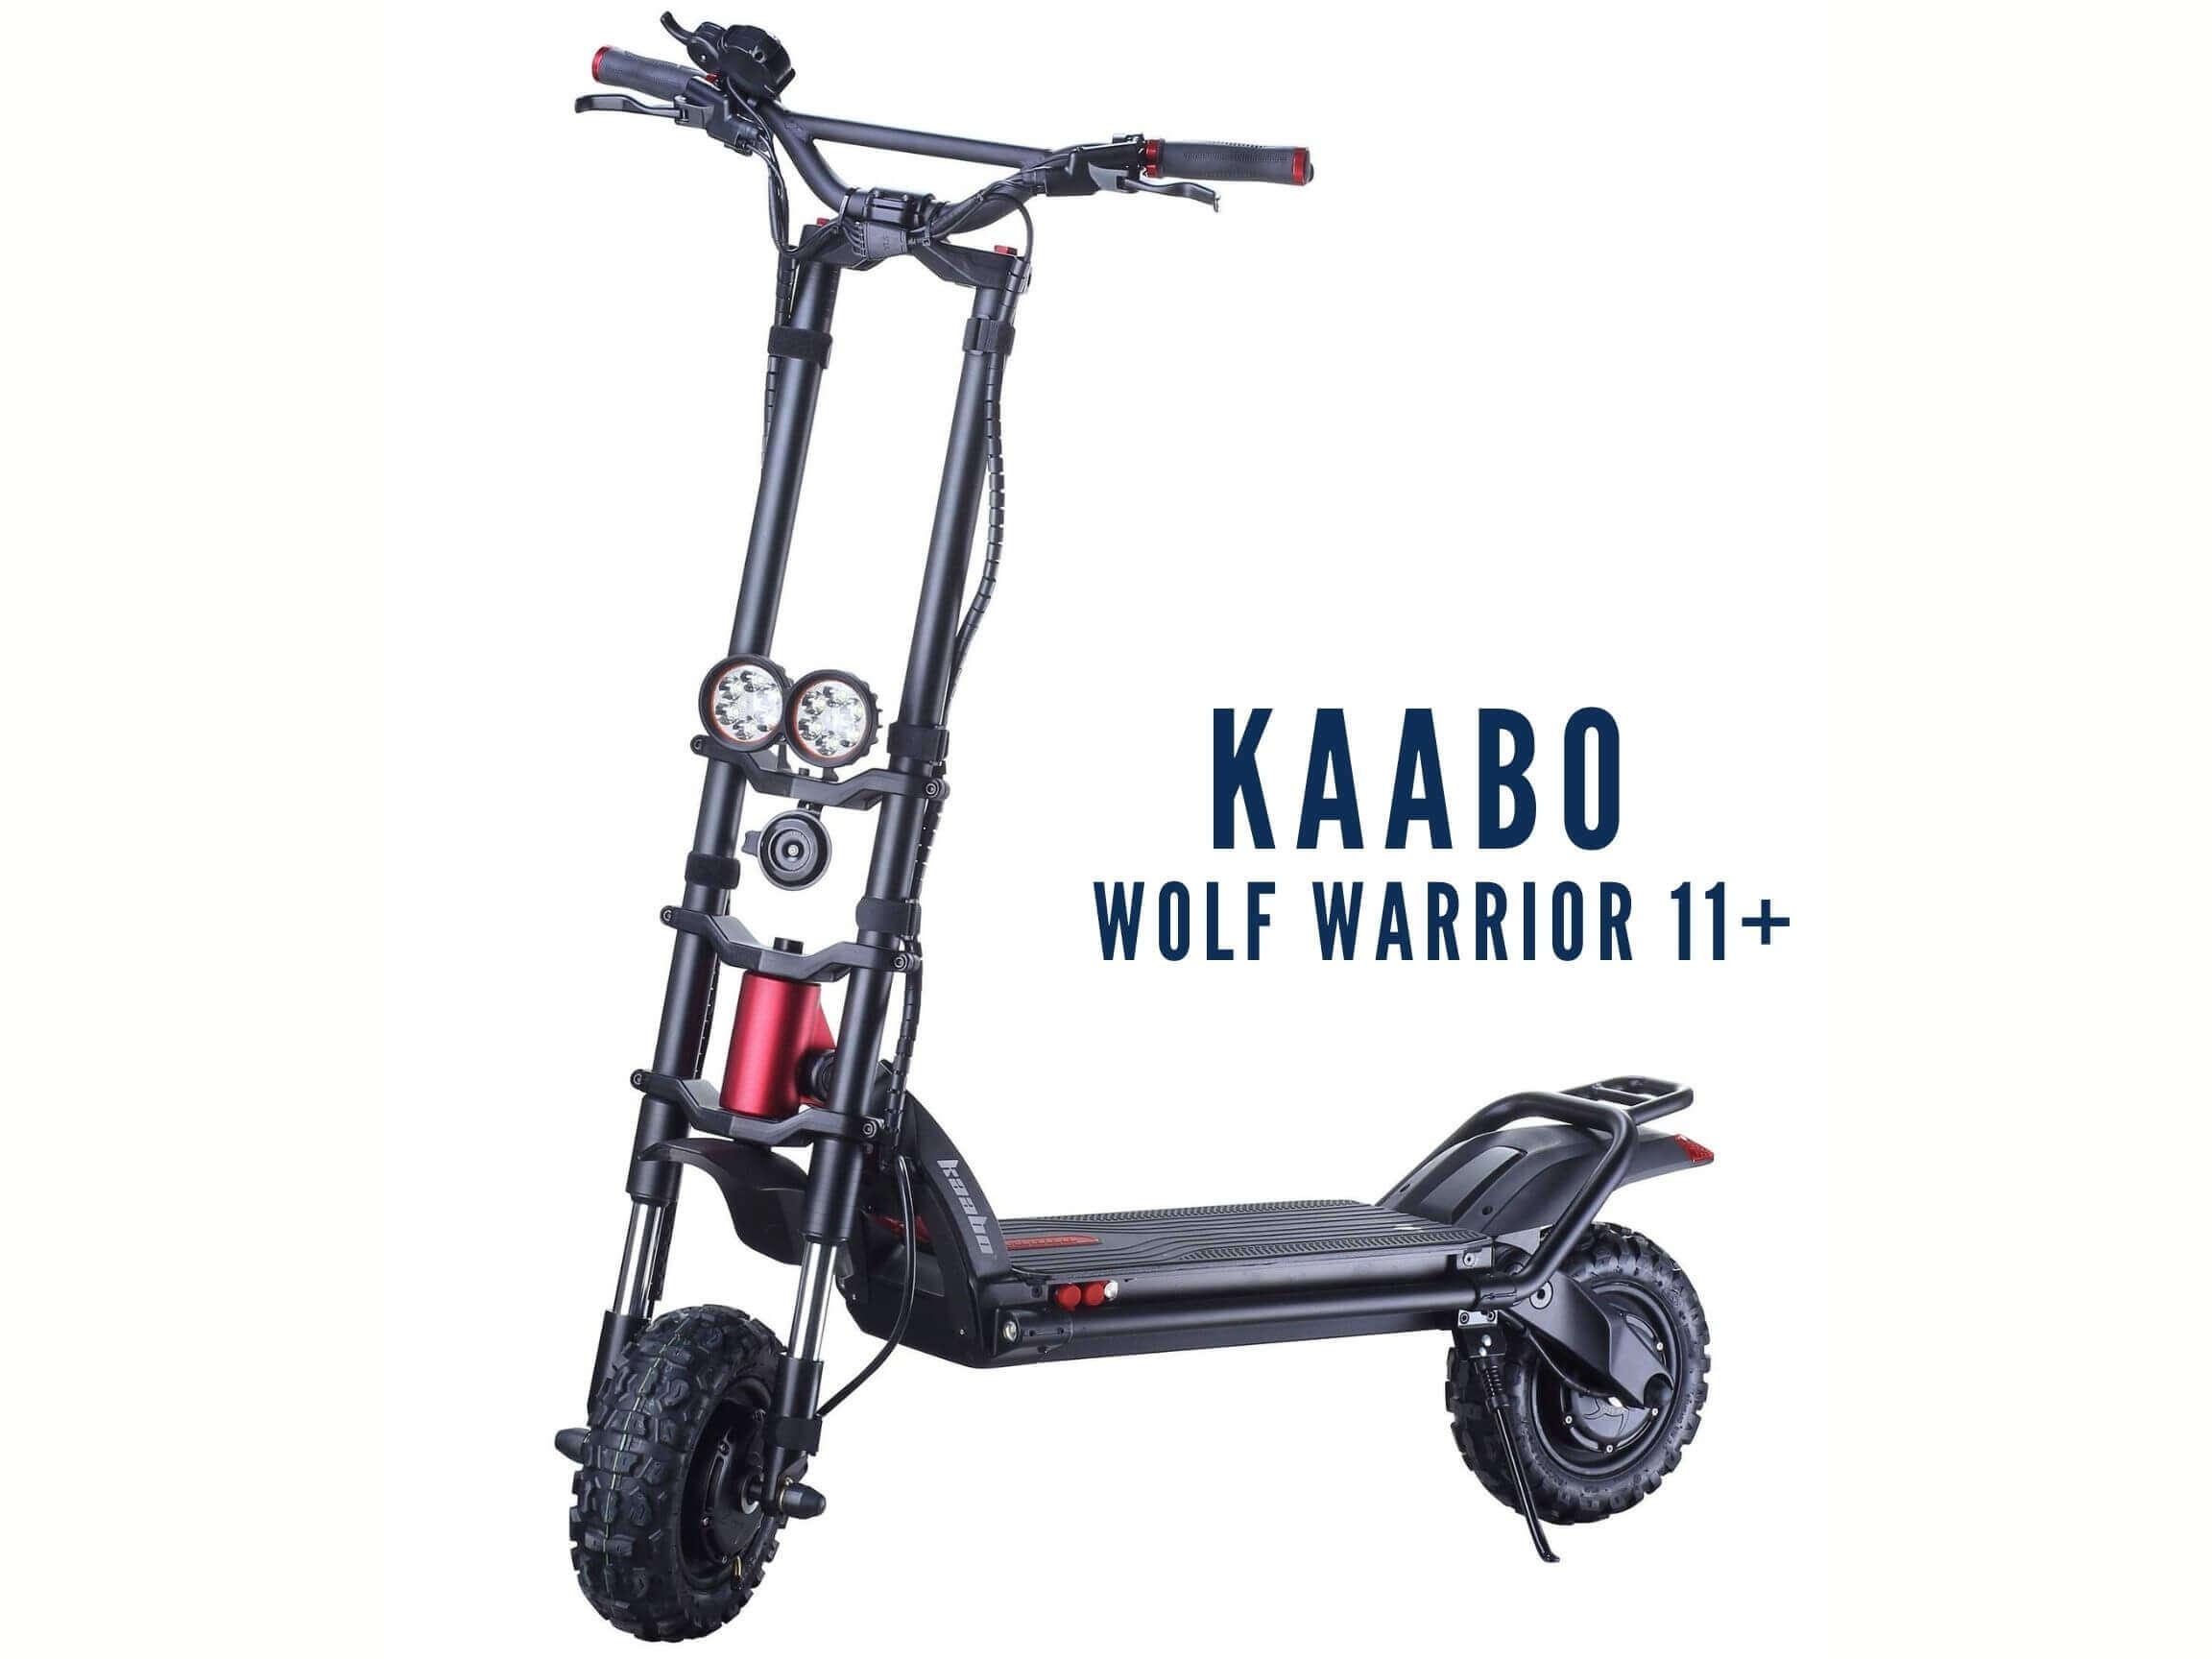 Kaboo Wolf Warrior 11